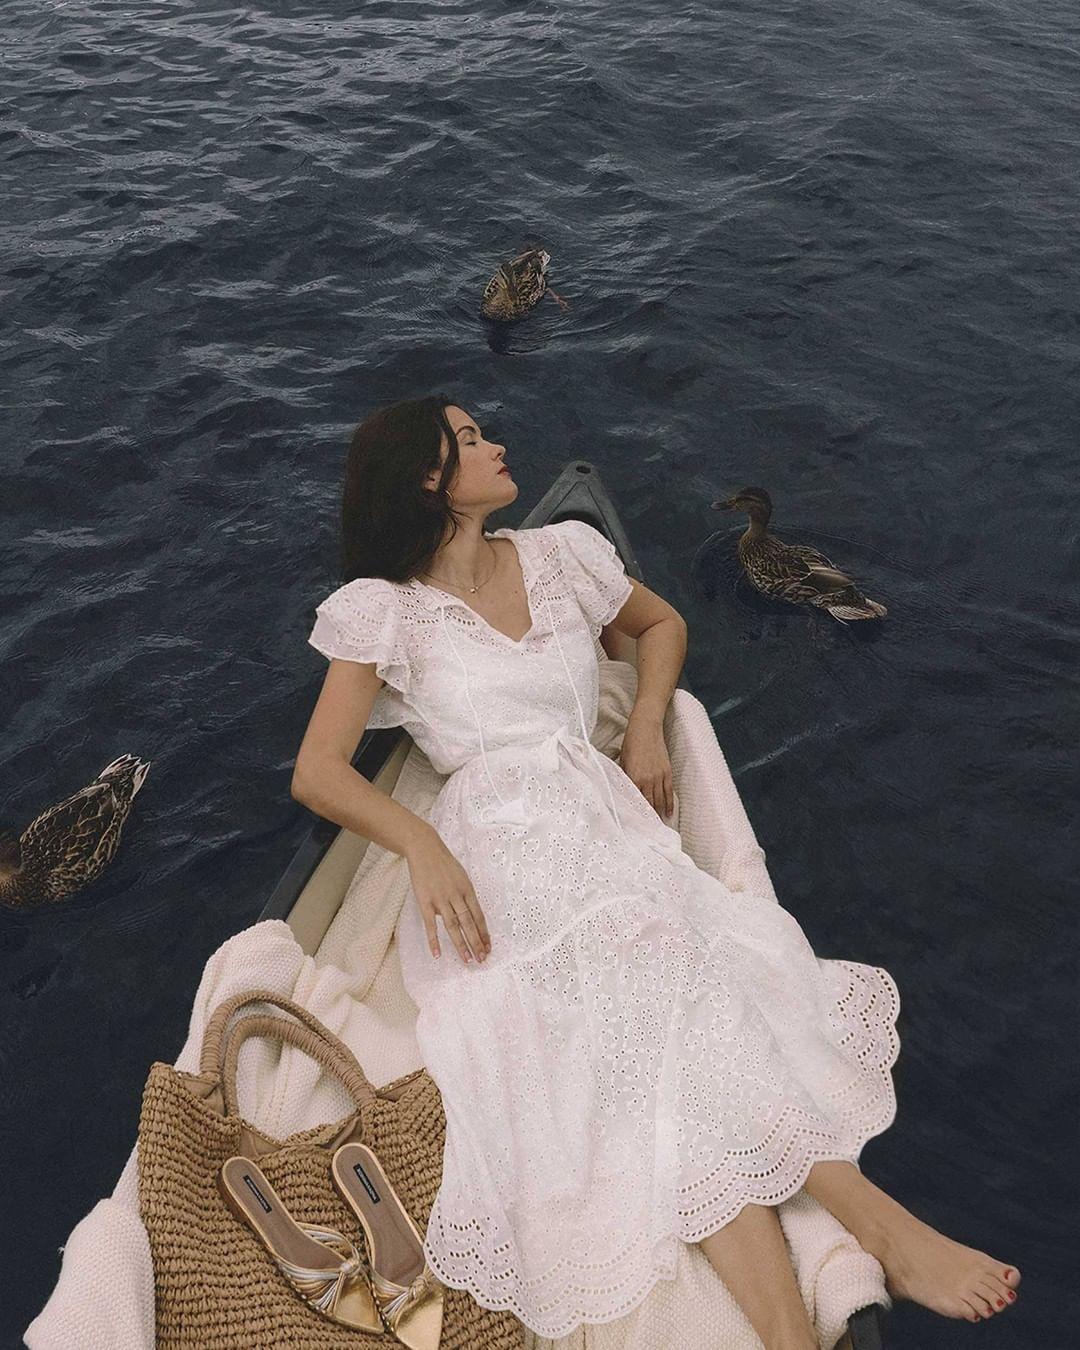 Cô gái mặc váy hai dây trắng cầm bông hoa